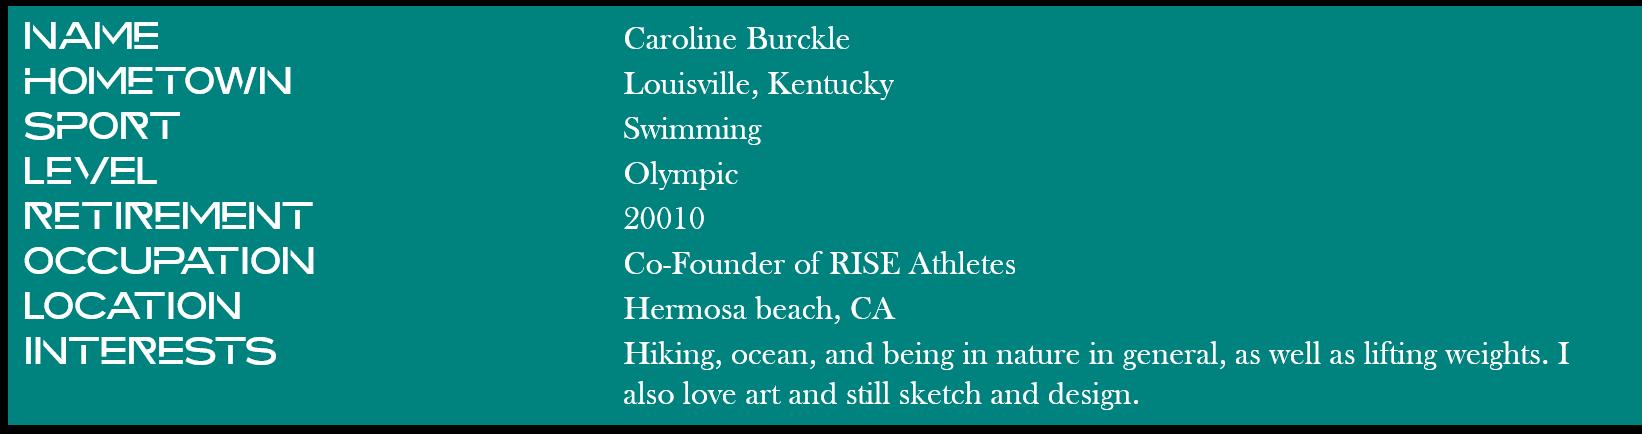 Caroline Burckle.png